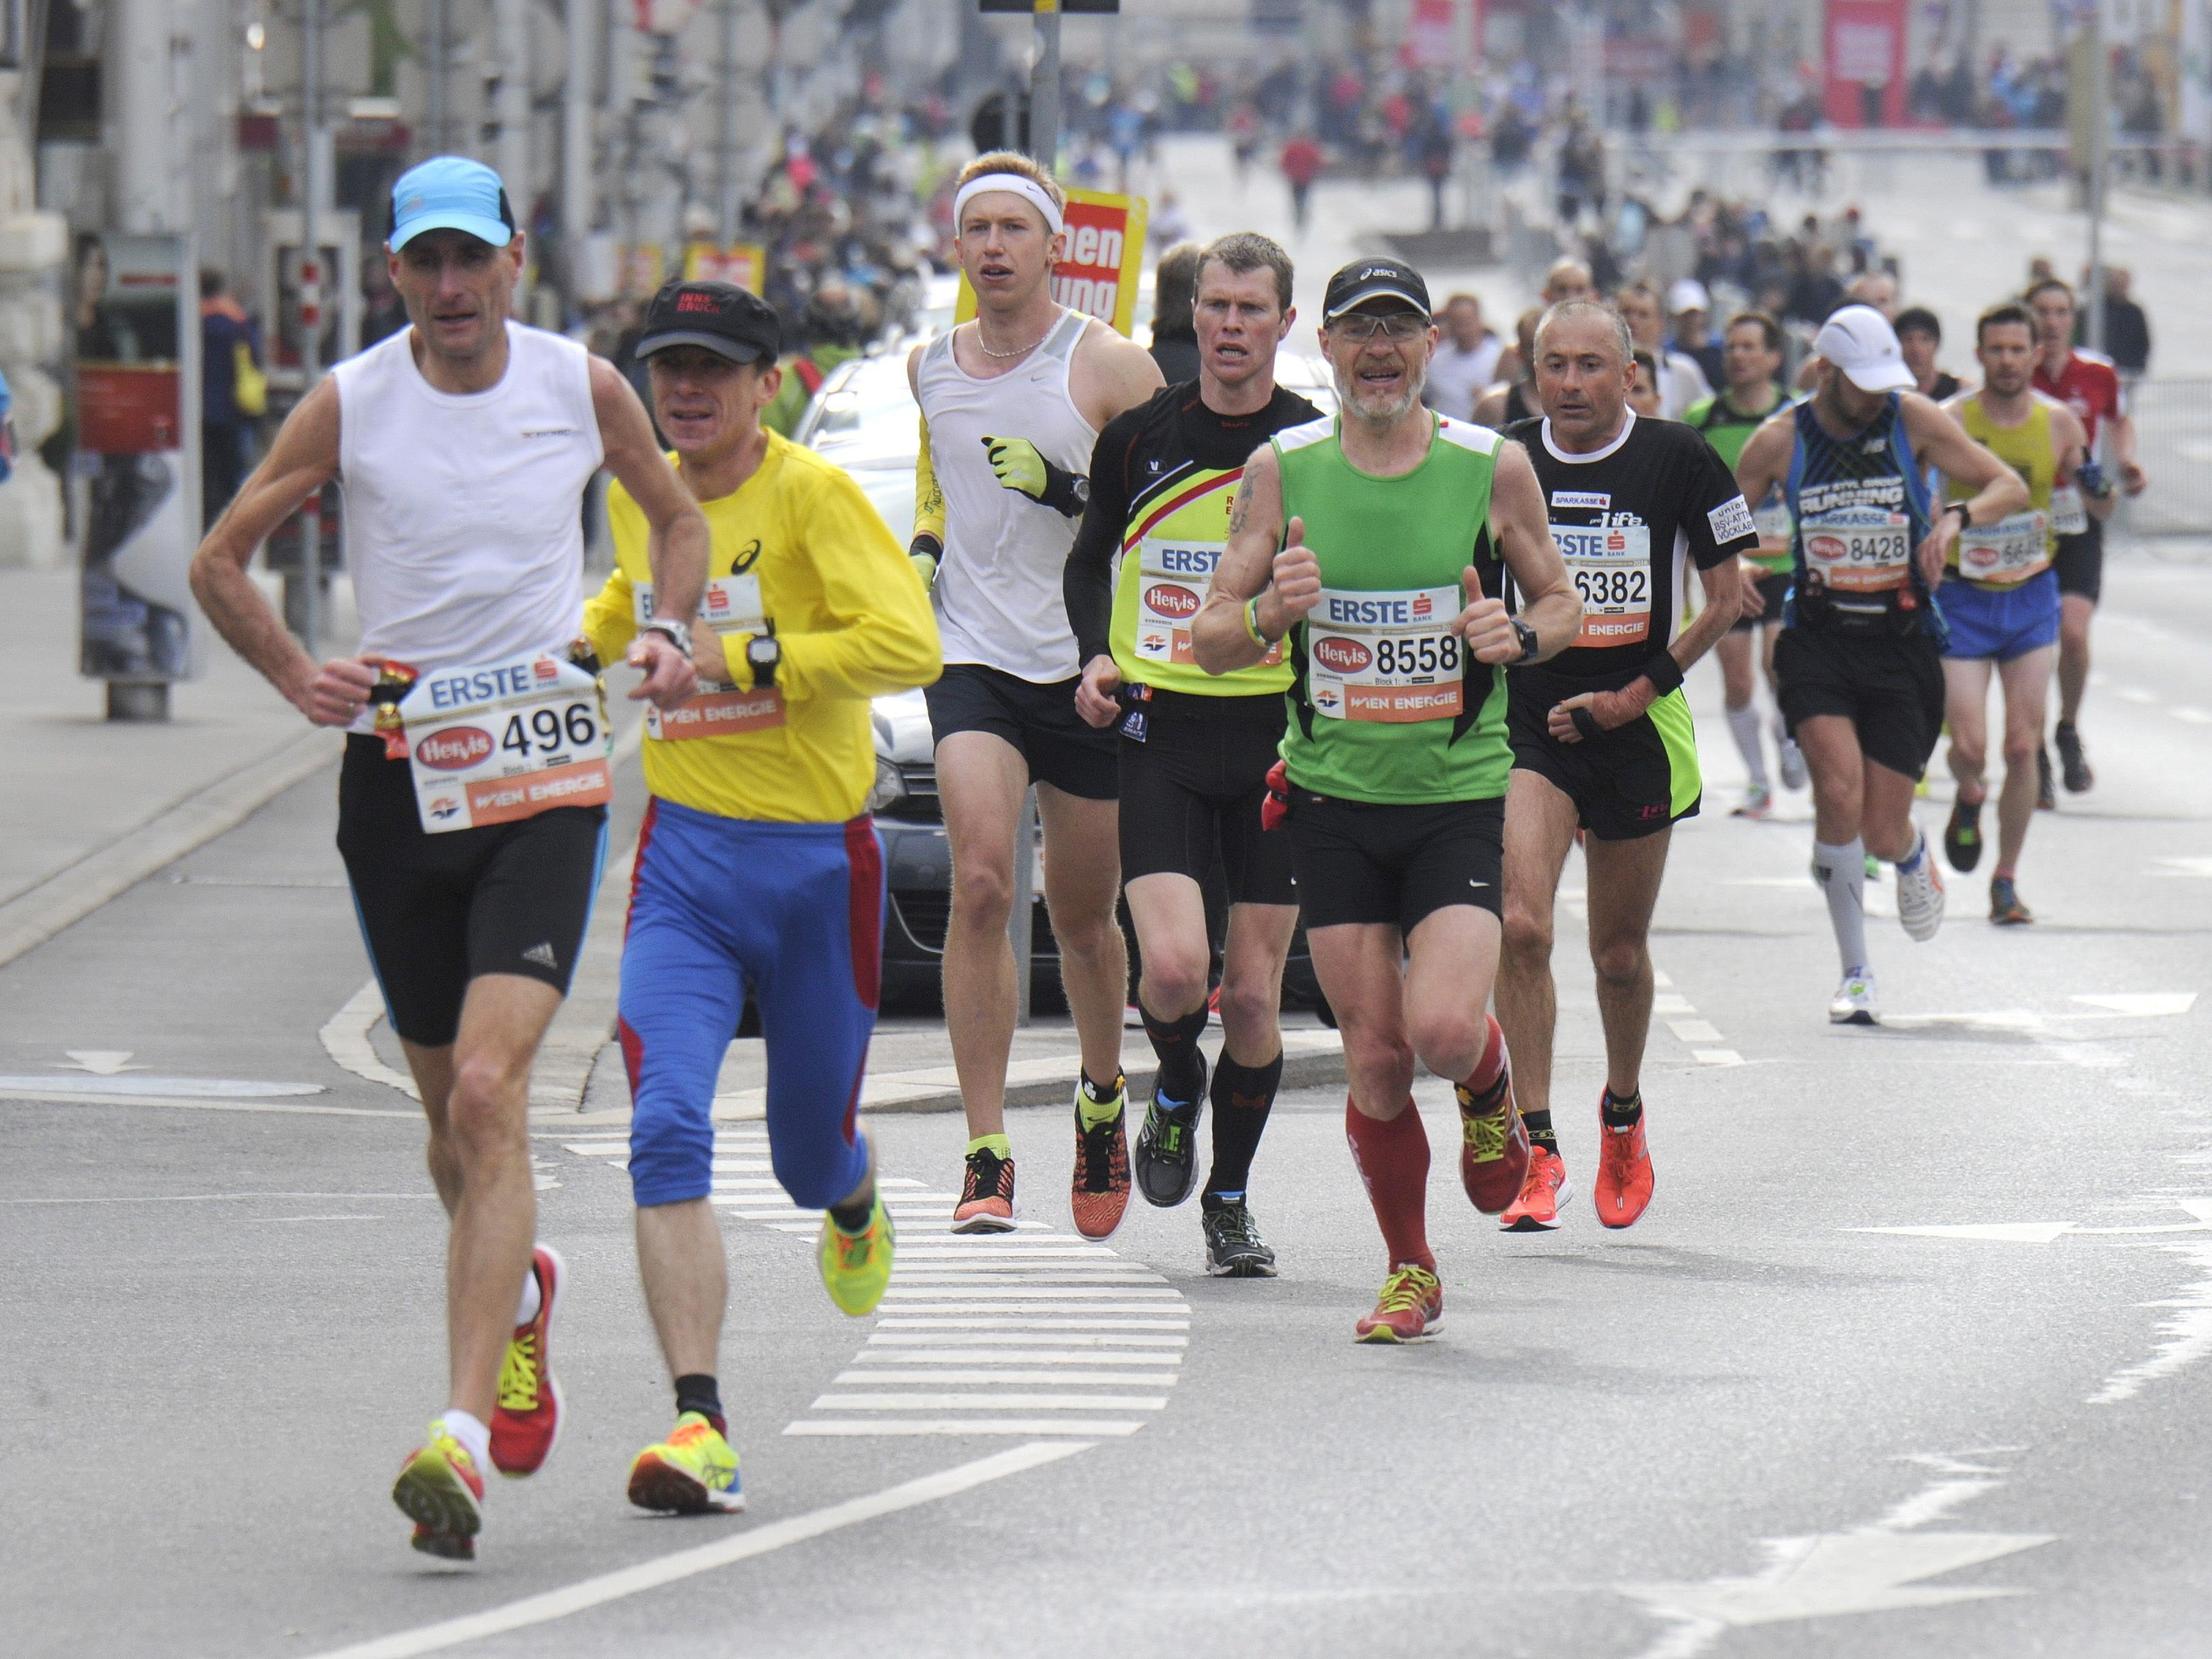 Der Vienna City Marathon 2017 findet am 23. April statt.